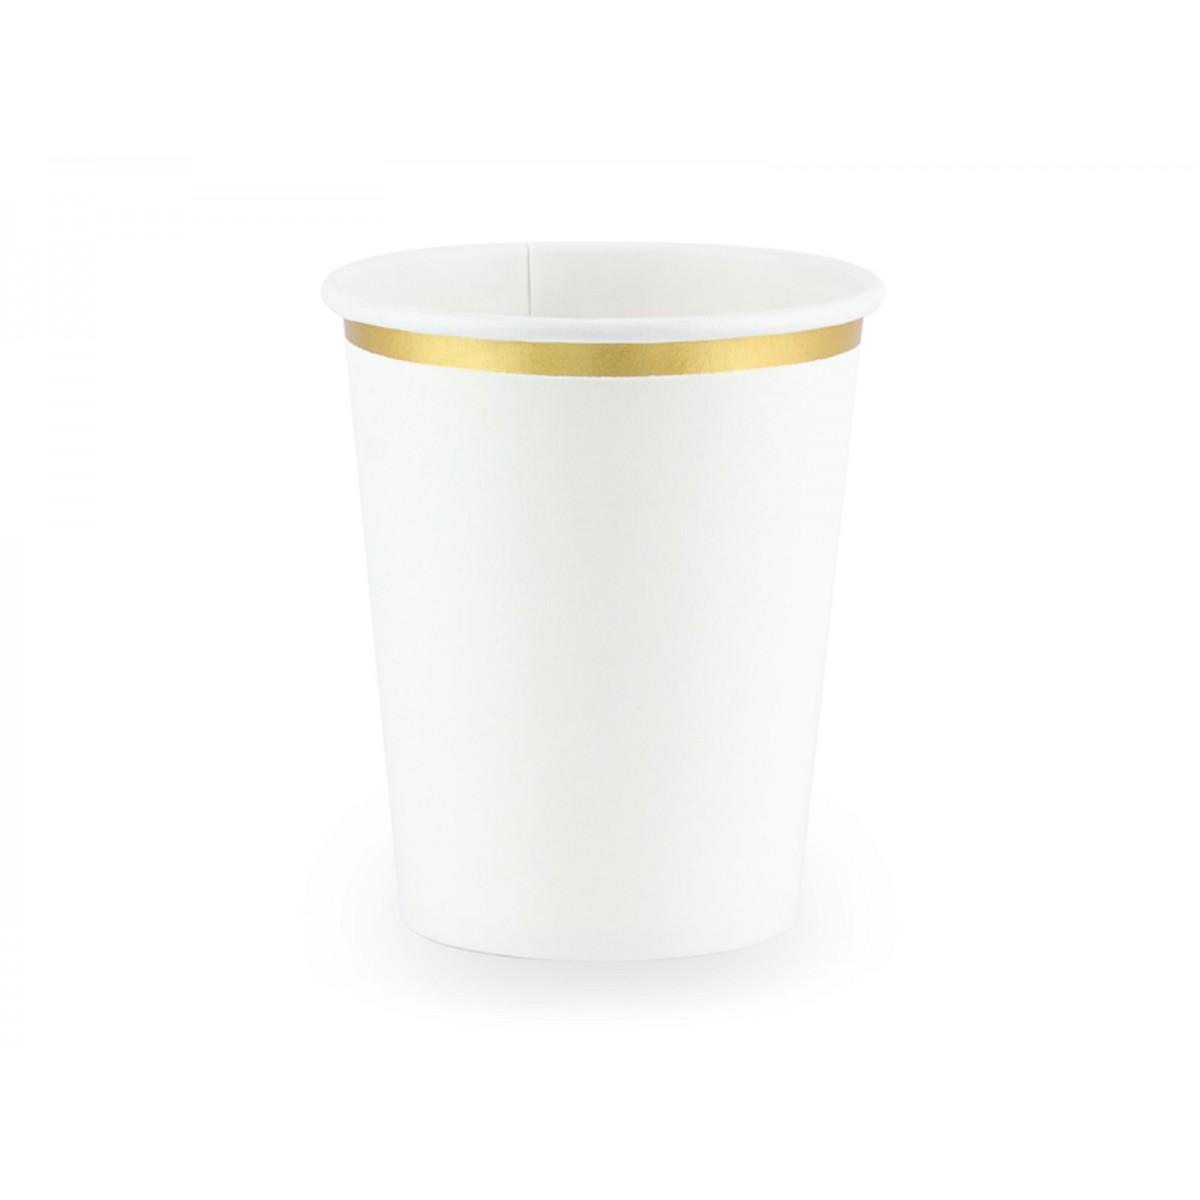 Bicchieri bianchi con bordo oro 6pz